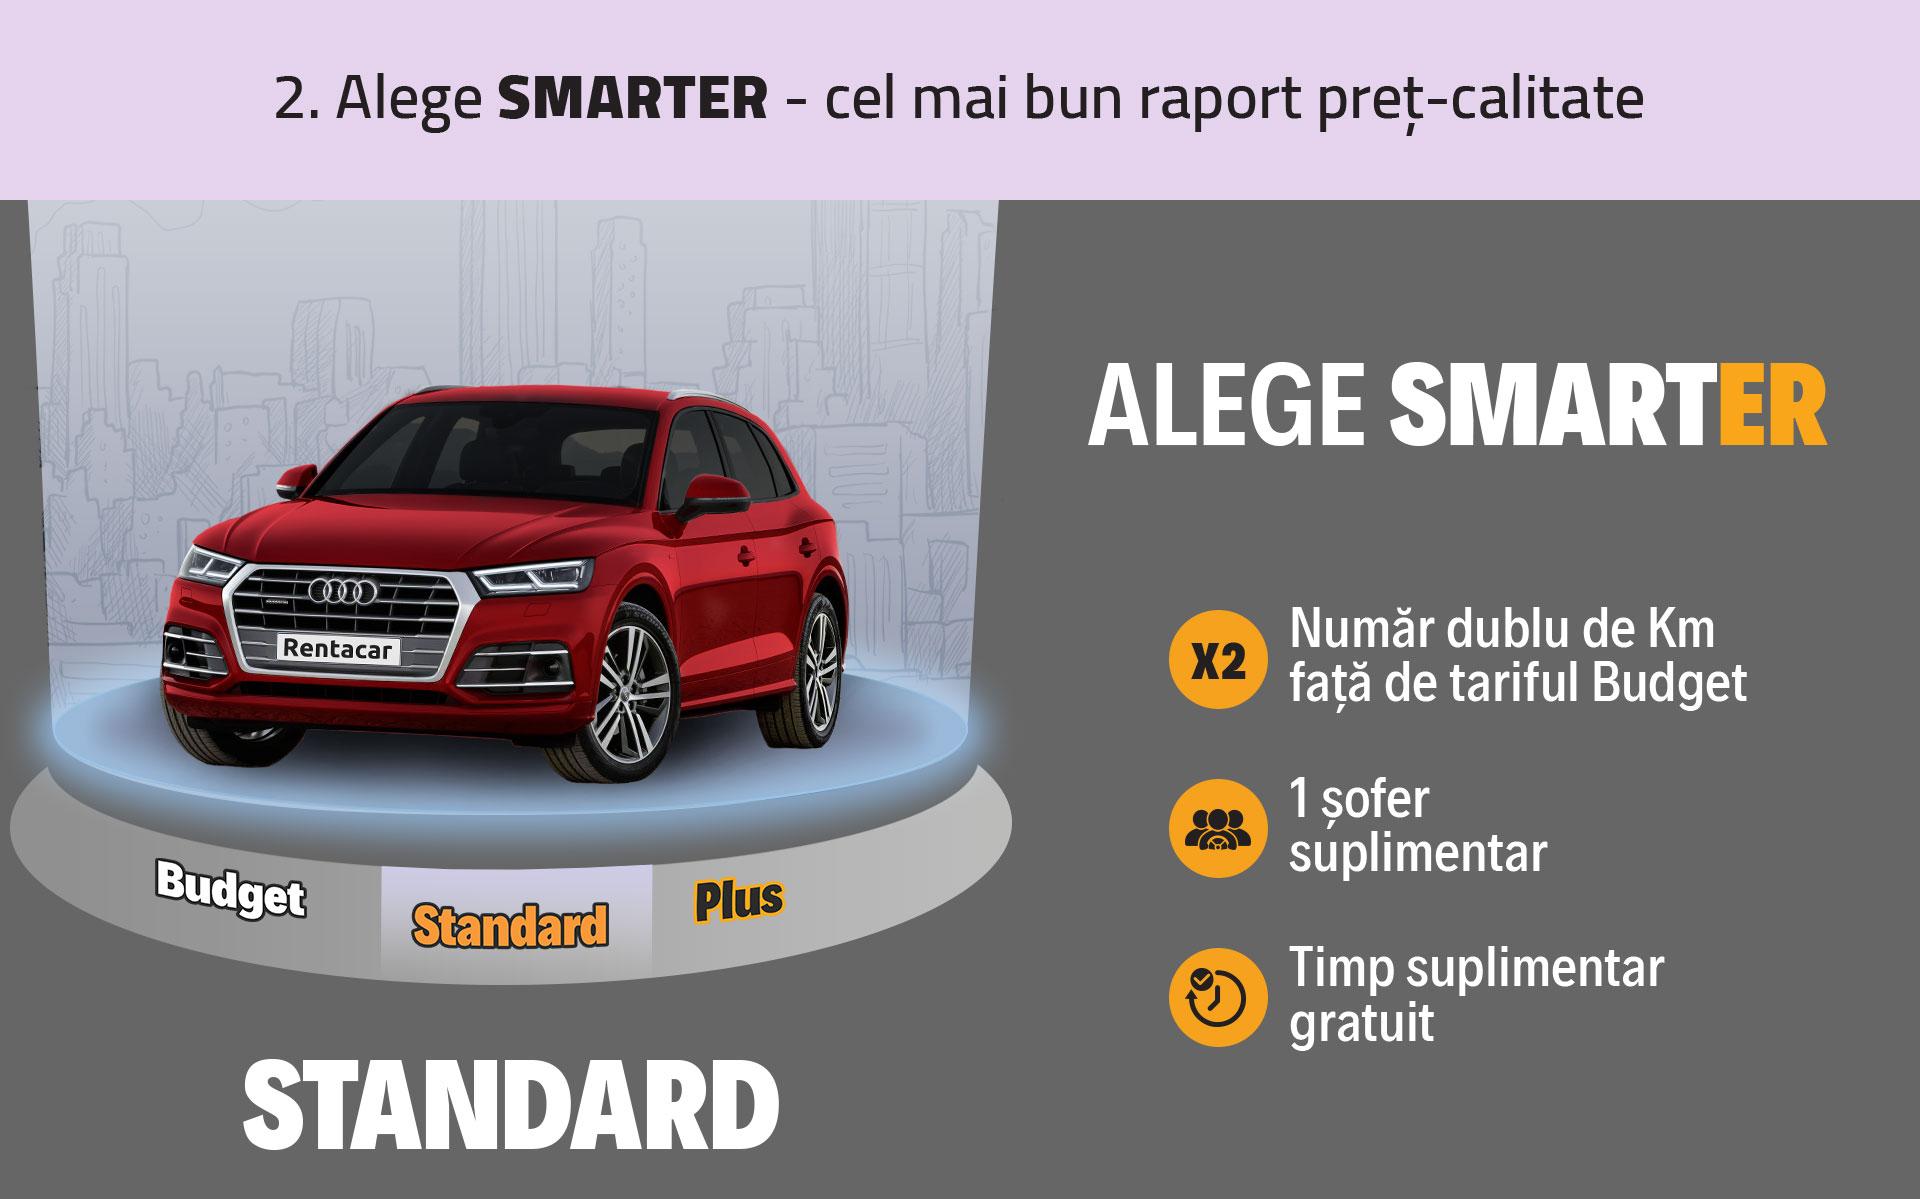 Alege SMARTER - cel mai bun raport pret-calitate